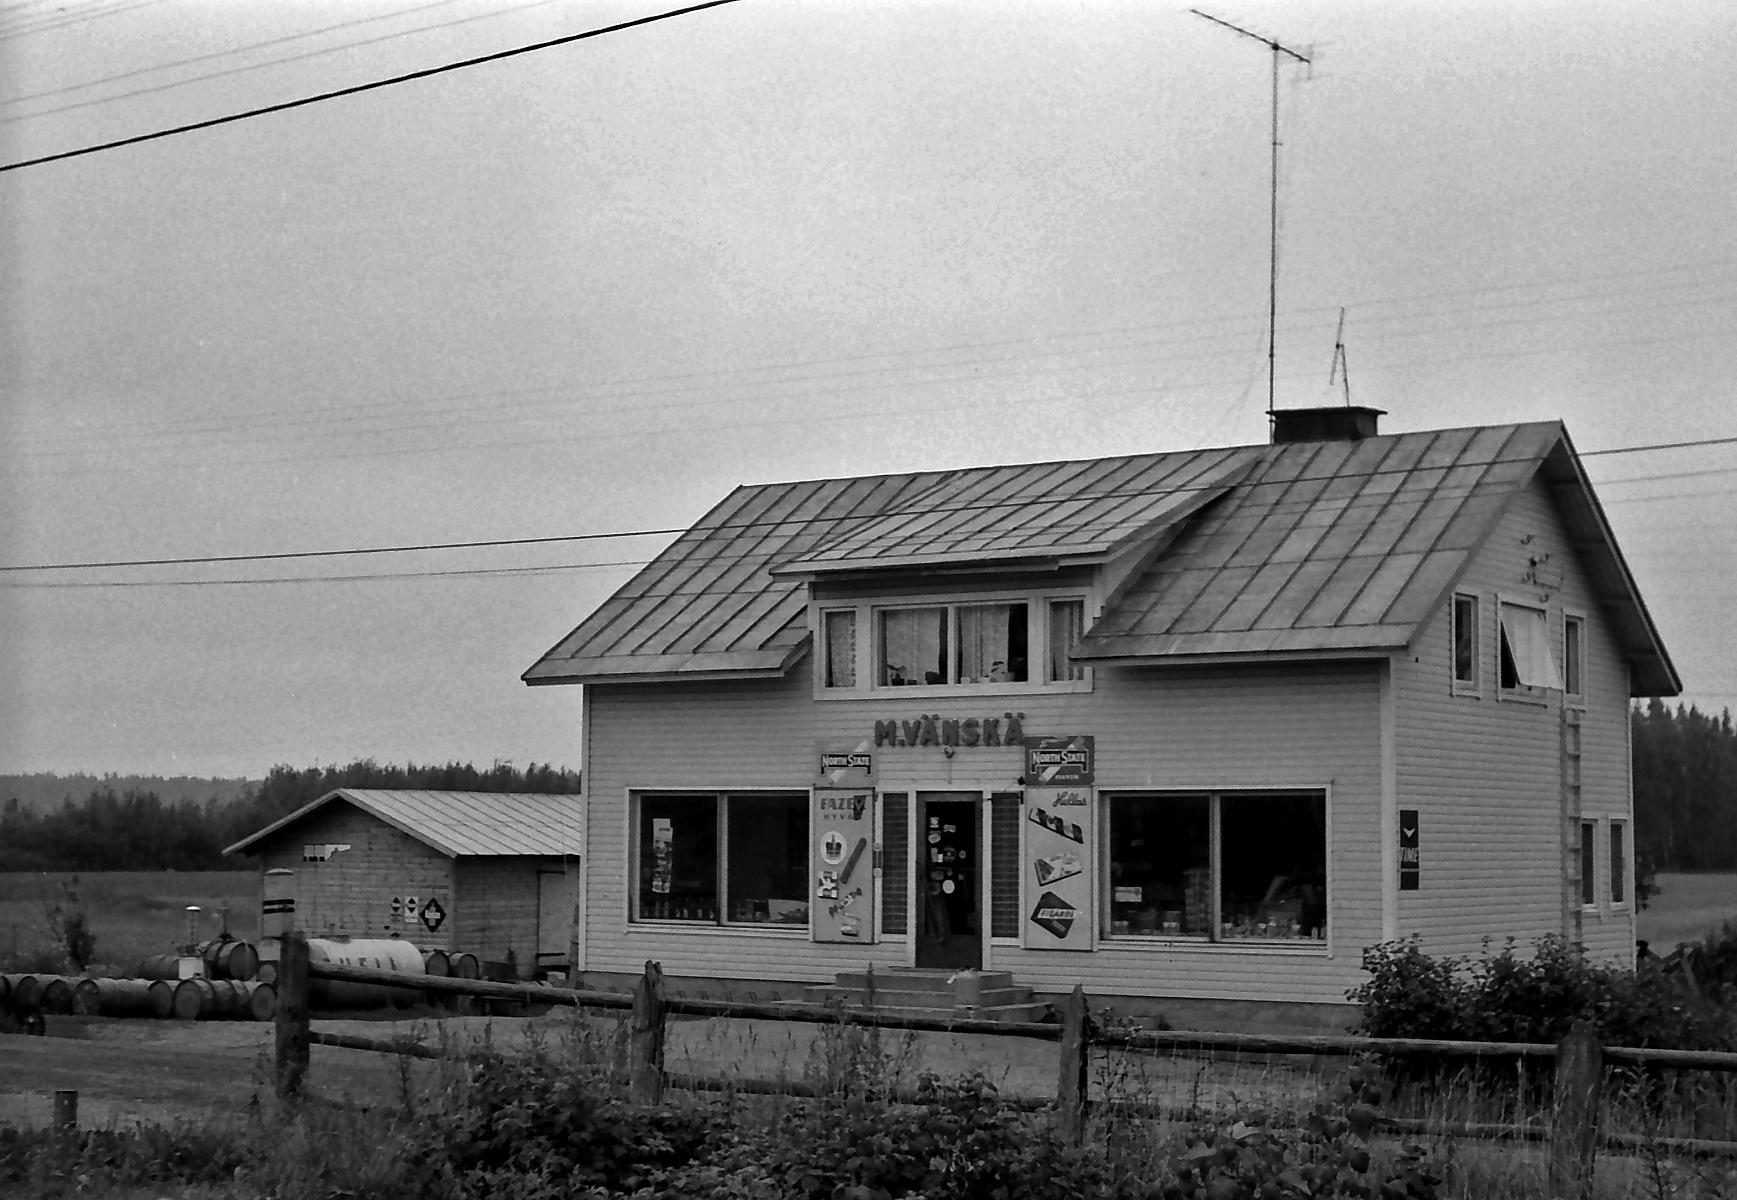 helmi13 - Vänskän kauppa